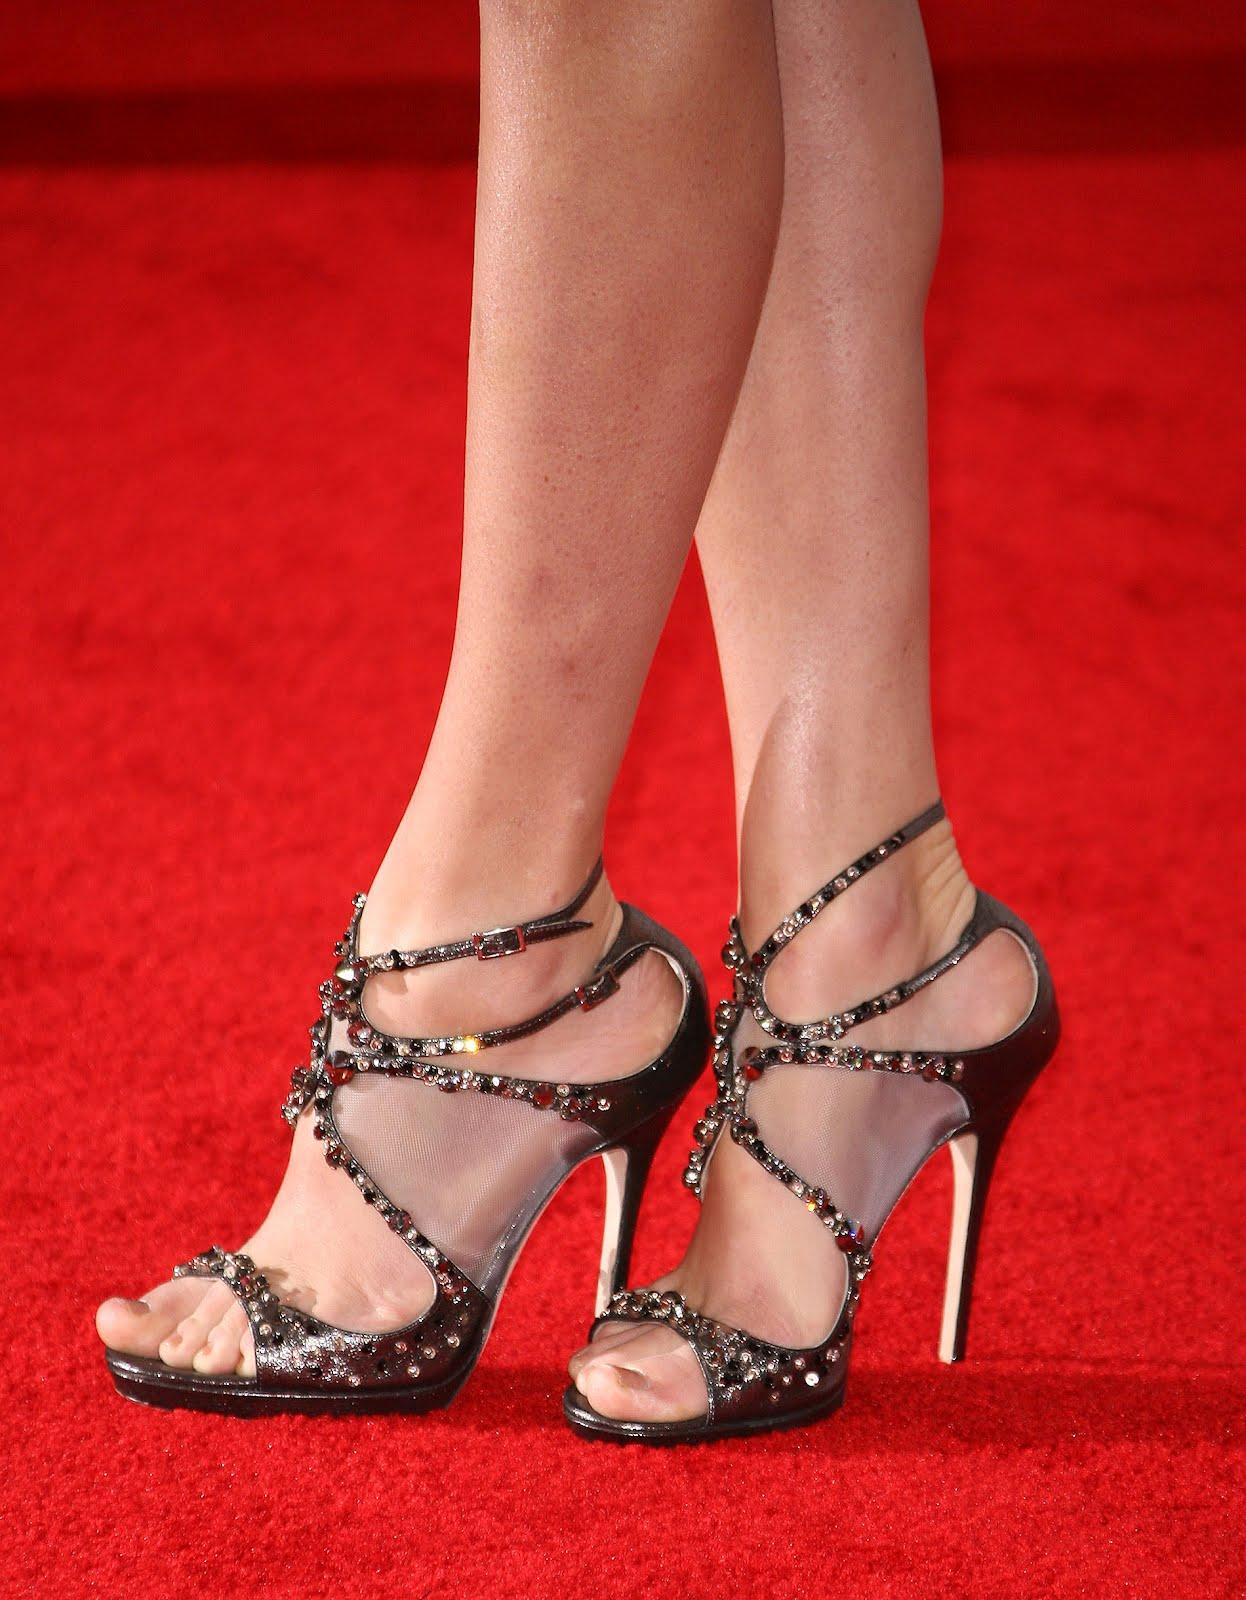 http://1.bp.blogspot.com/-Y6fM9hpNjA4/UBqDkmlOfLI/AAAAAAAAAU4/YuNdr43uZao/s1600/Taylor_Swift_Feet_008.jpg